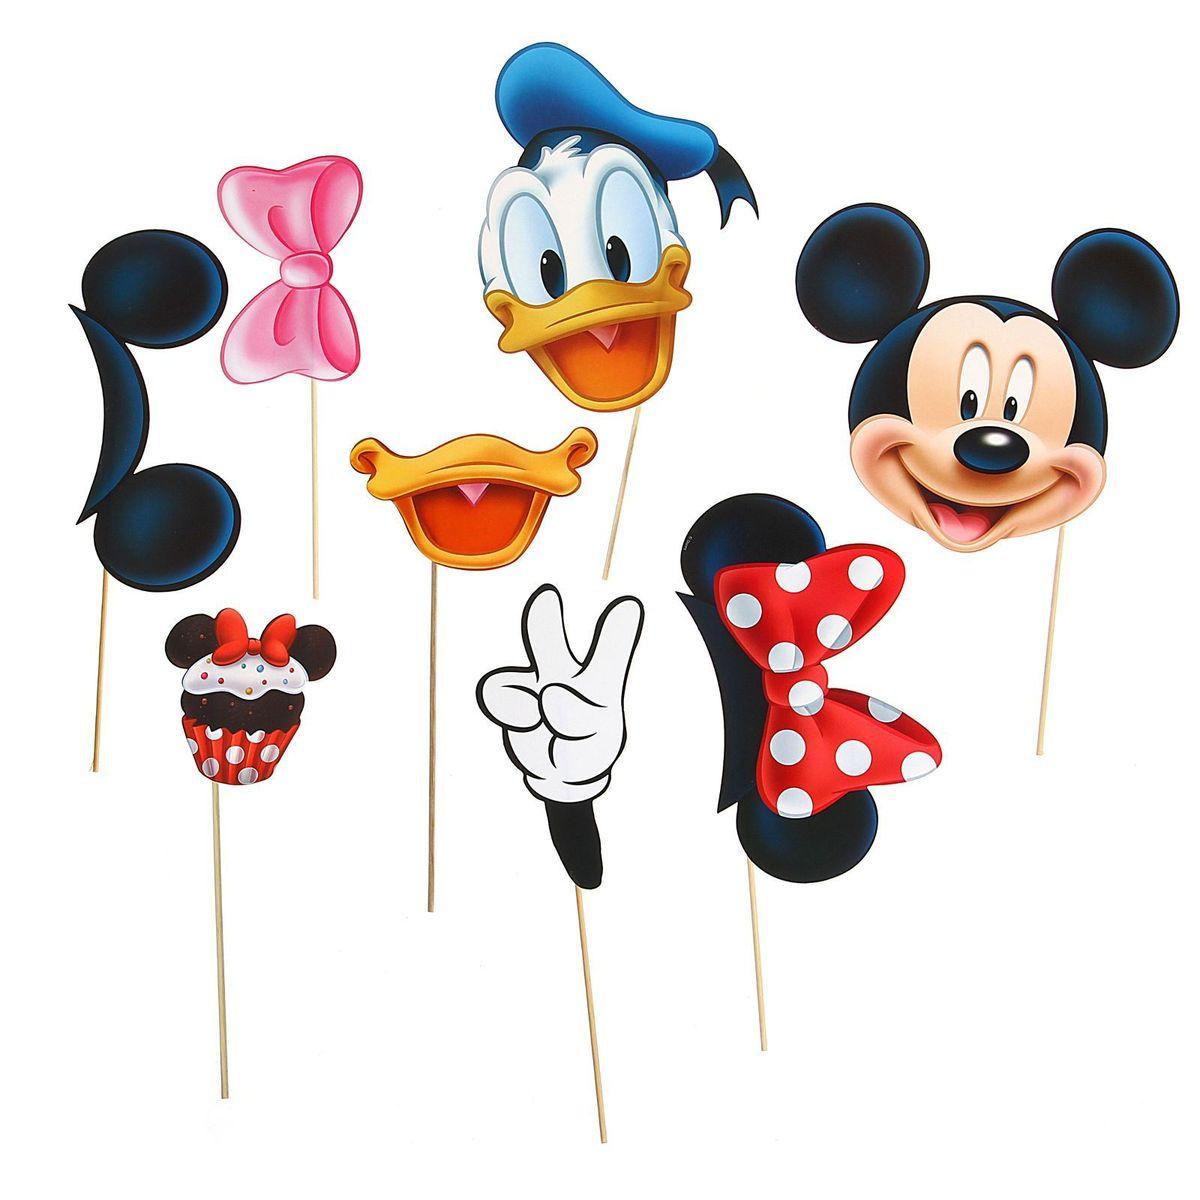 Набор фотобутафории Disney Микки Маус и друзья, 8 предметов корзина для игрушек disney микки маус и его друзья 2732136